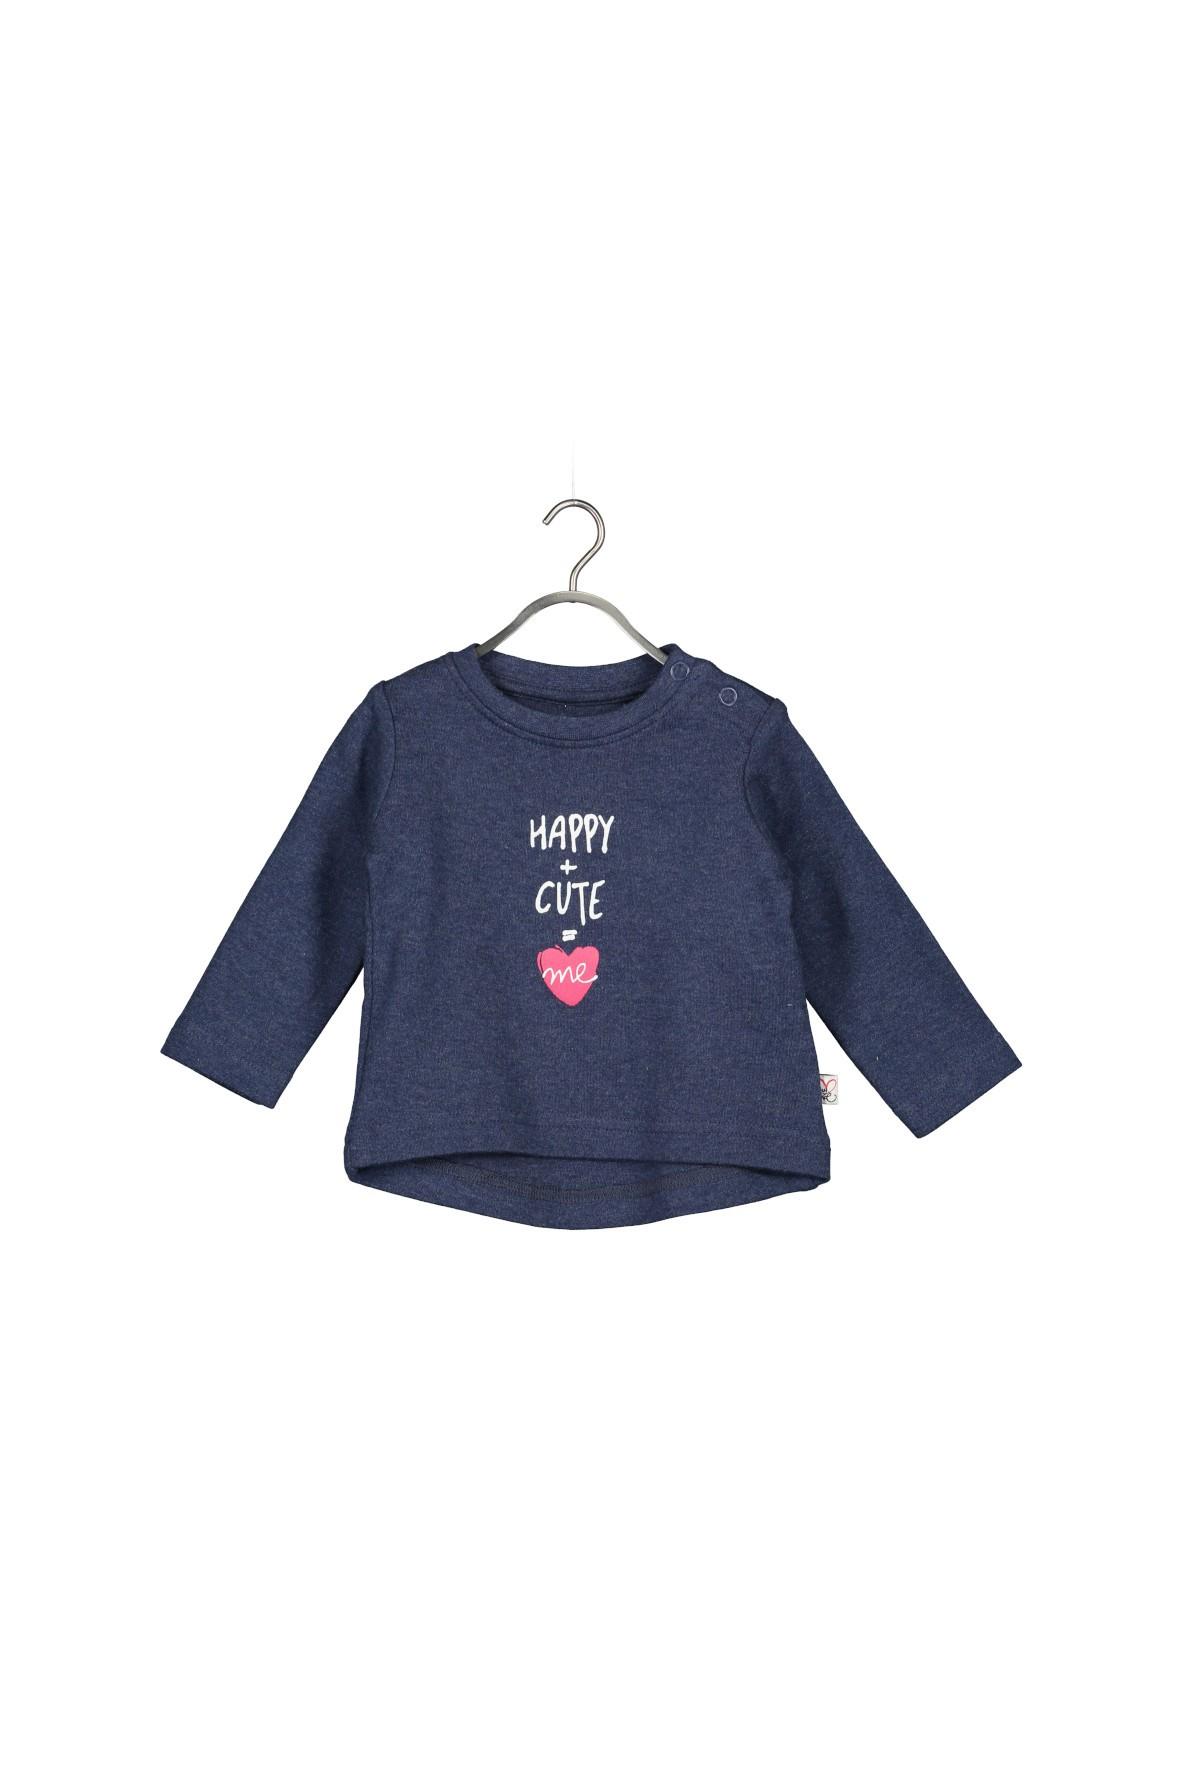 Granatowa bluzka dla niemowlaka- 100% bawełna